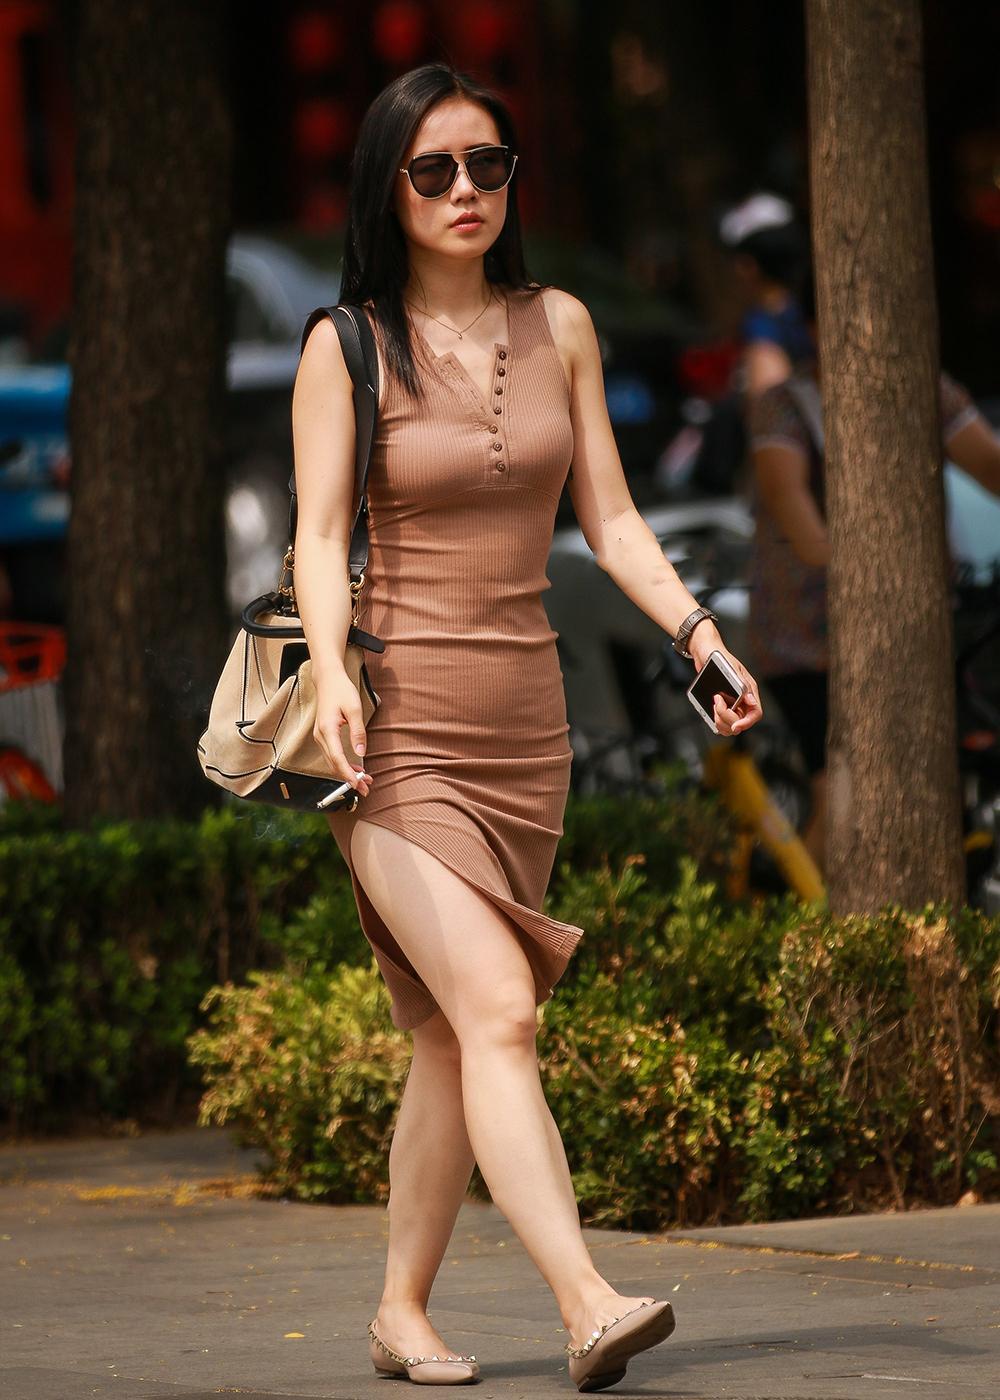 街拍背影:丰硕包臀开叉裙女神,这身姿这美女让人遐想!疼美女视频图片